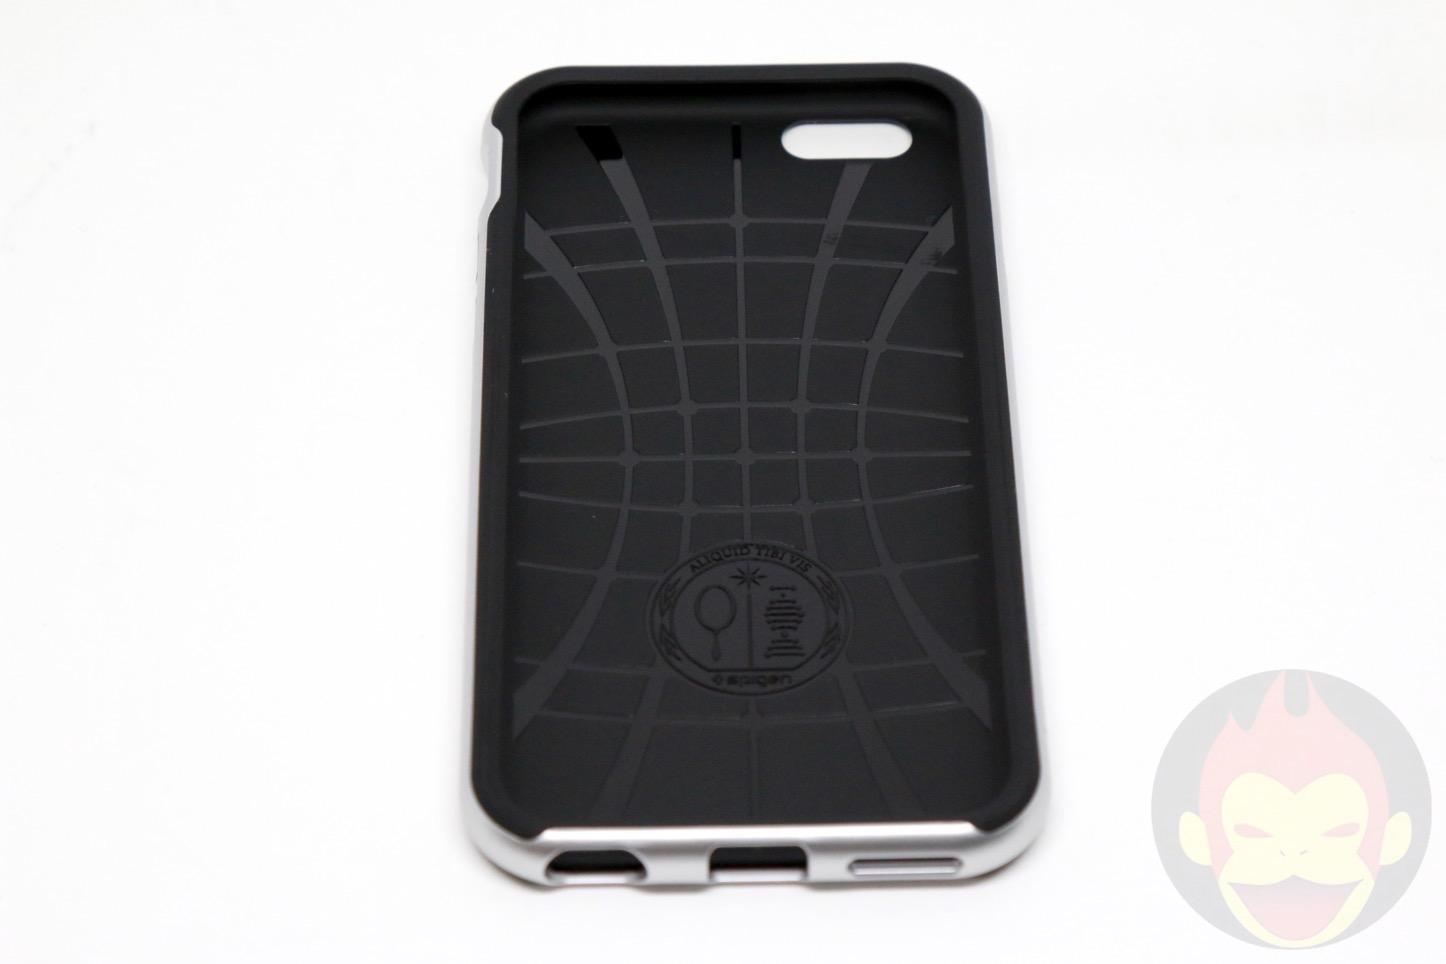 iPhone6s-Spigen-Neo-Hybrid-Case-18.JPG